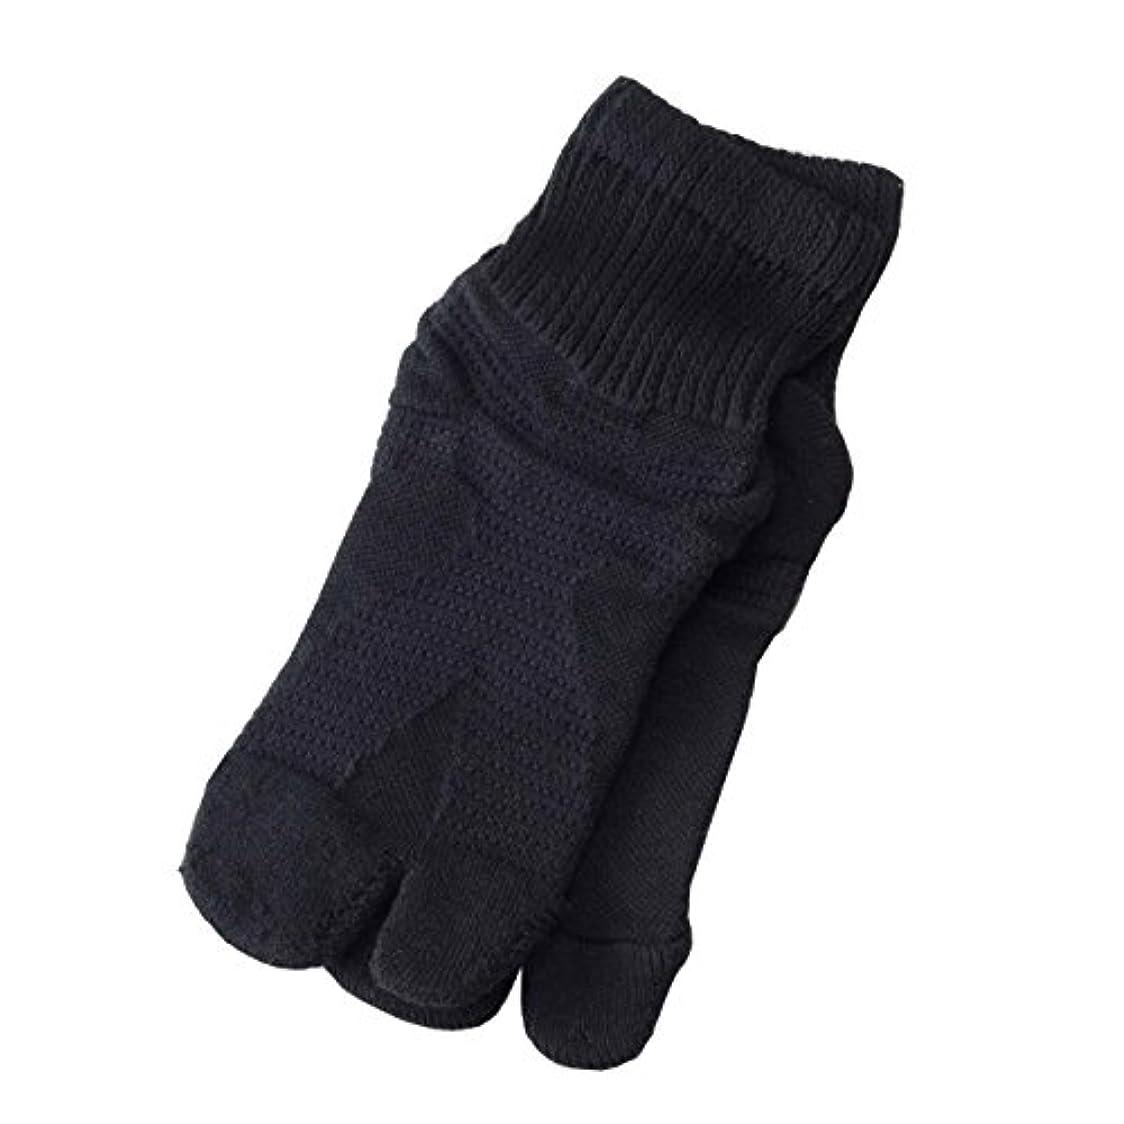 成功するダイアクリティカルソロ【日本製】歩行サポート足袋ソックス (ブラック, 23~25cm)